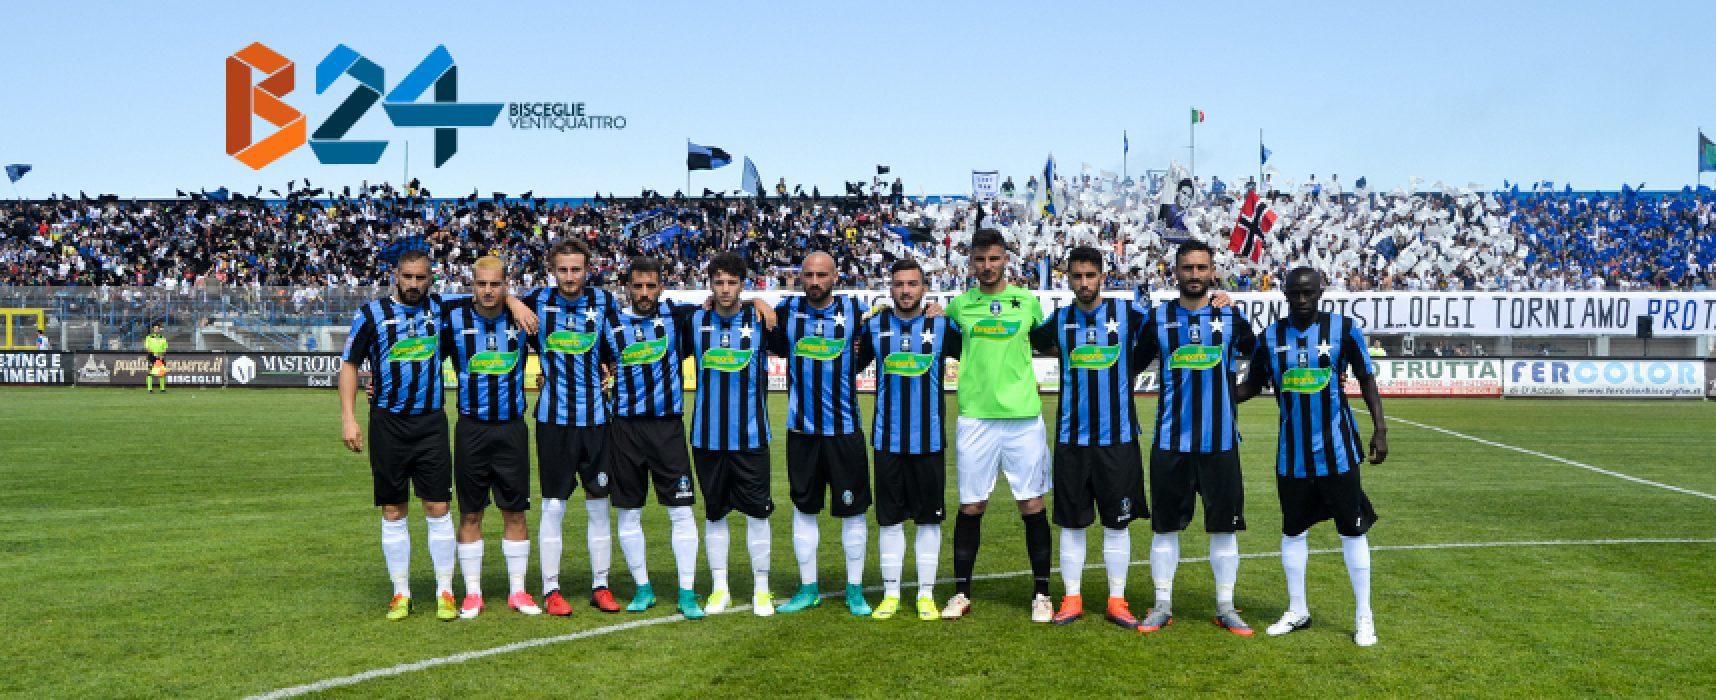 Bisceglie Calcio, c'è il Sicula Leonzio sulla strada delle semifinali per la poule scudetto